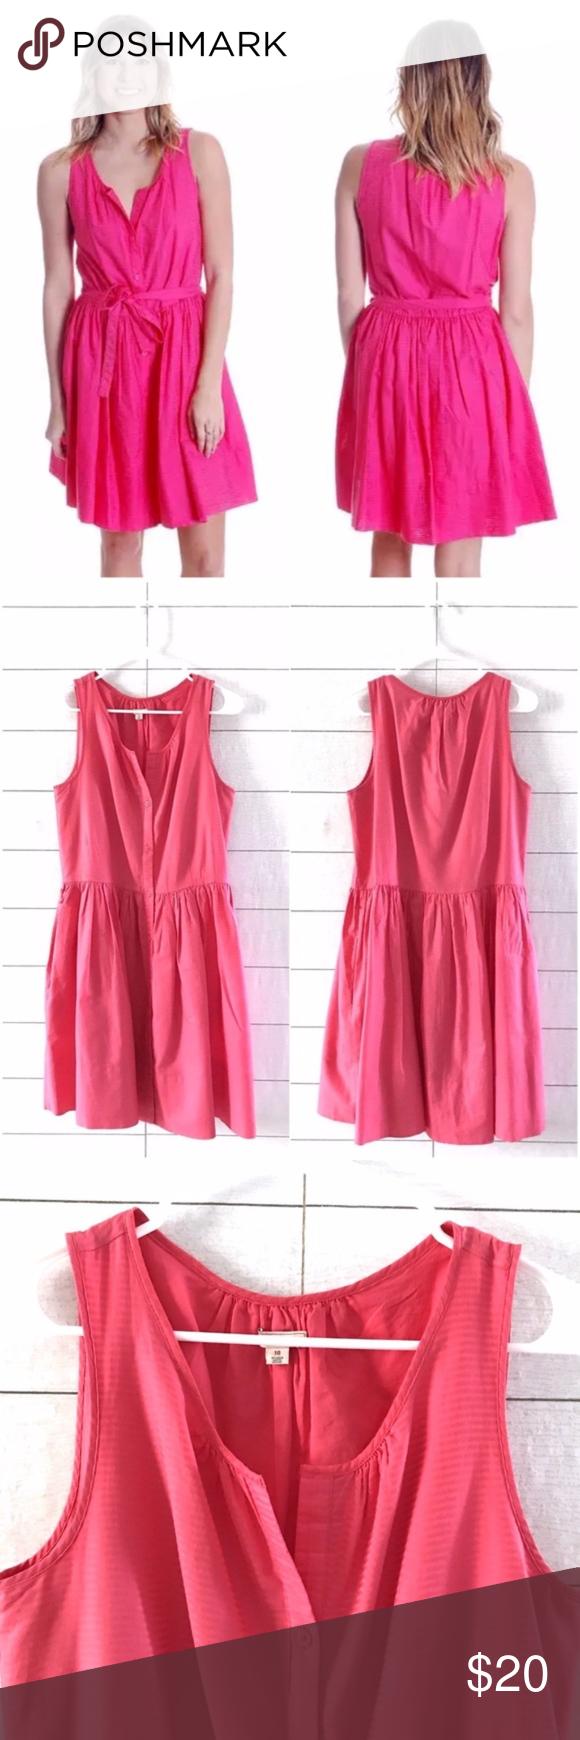 b3a777d1328042 Gap Pink Sleeveless Button Down Shirtdress Gap Size 10 Button Down Dress  Pink Sleeveless Fit Flare